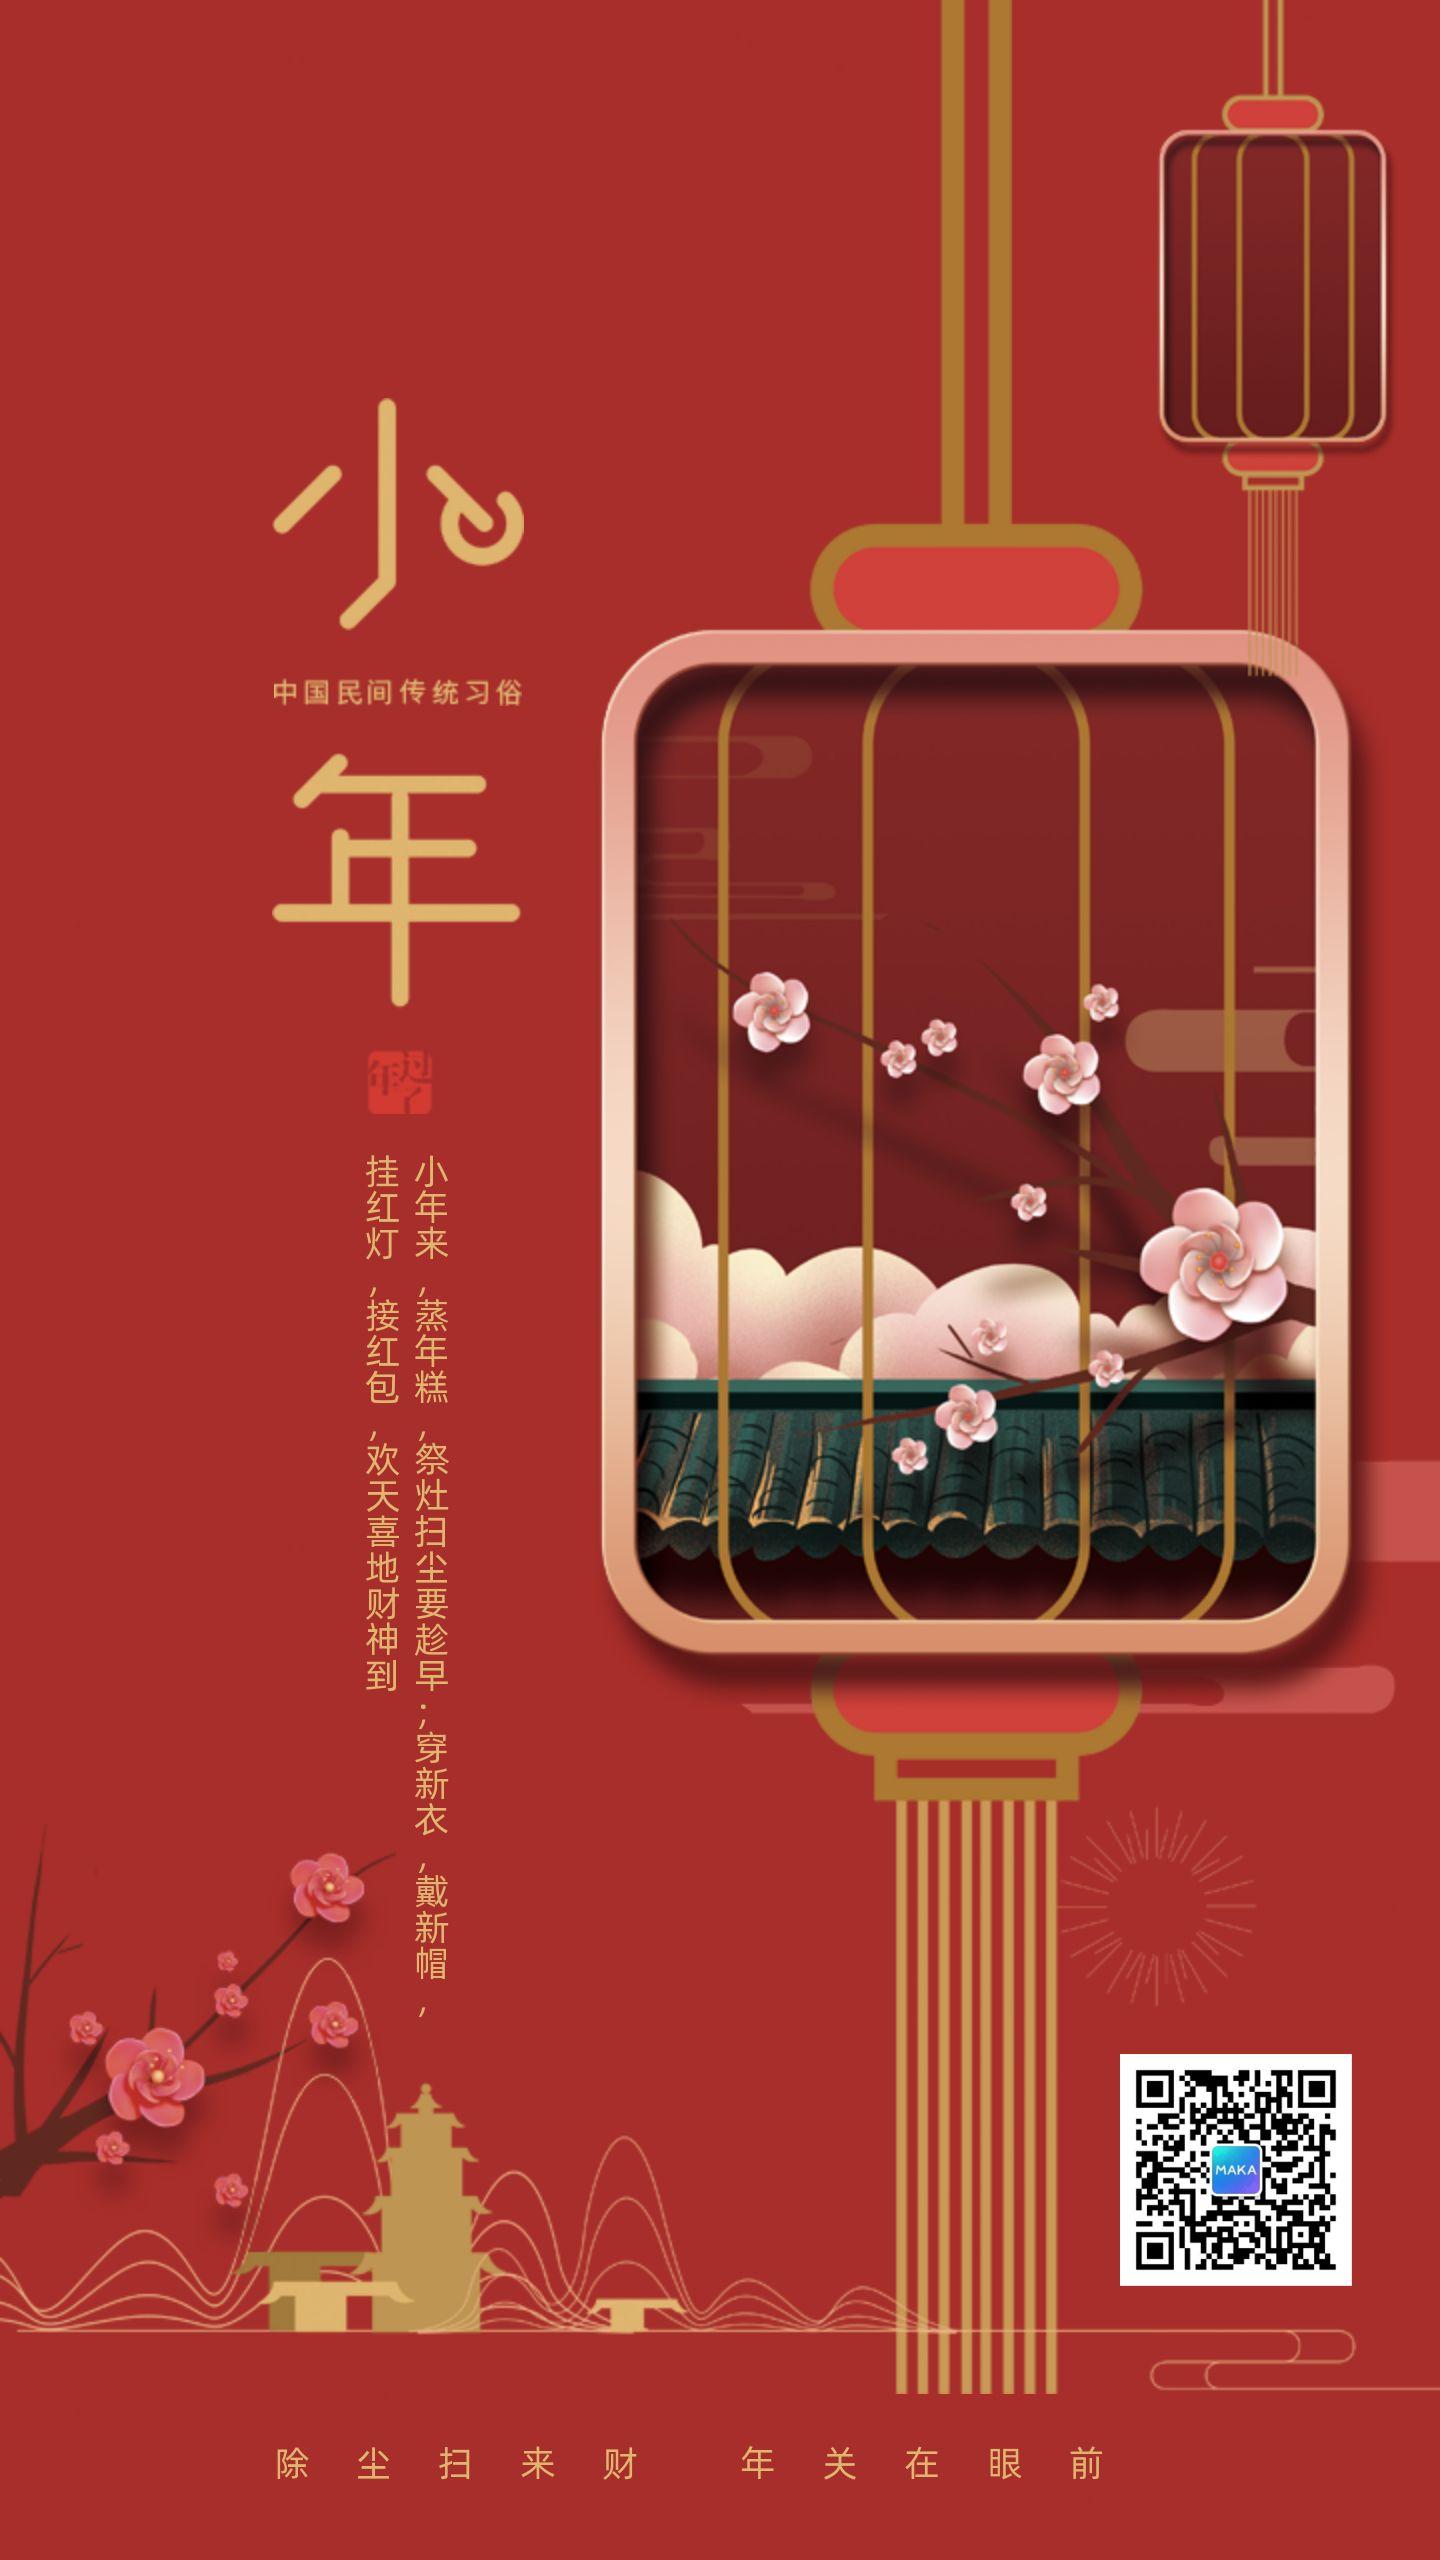 红色简约大气新年春节元旦小年年夜饭除夕夜祝福贺卡企业文化宣传新年促销早安日签海报